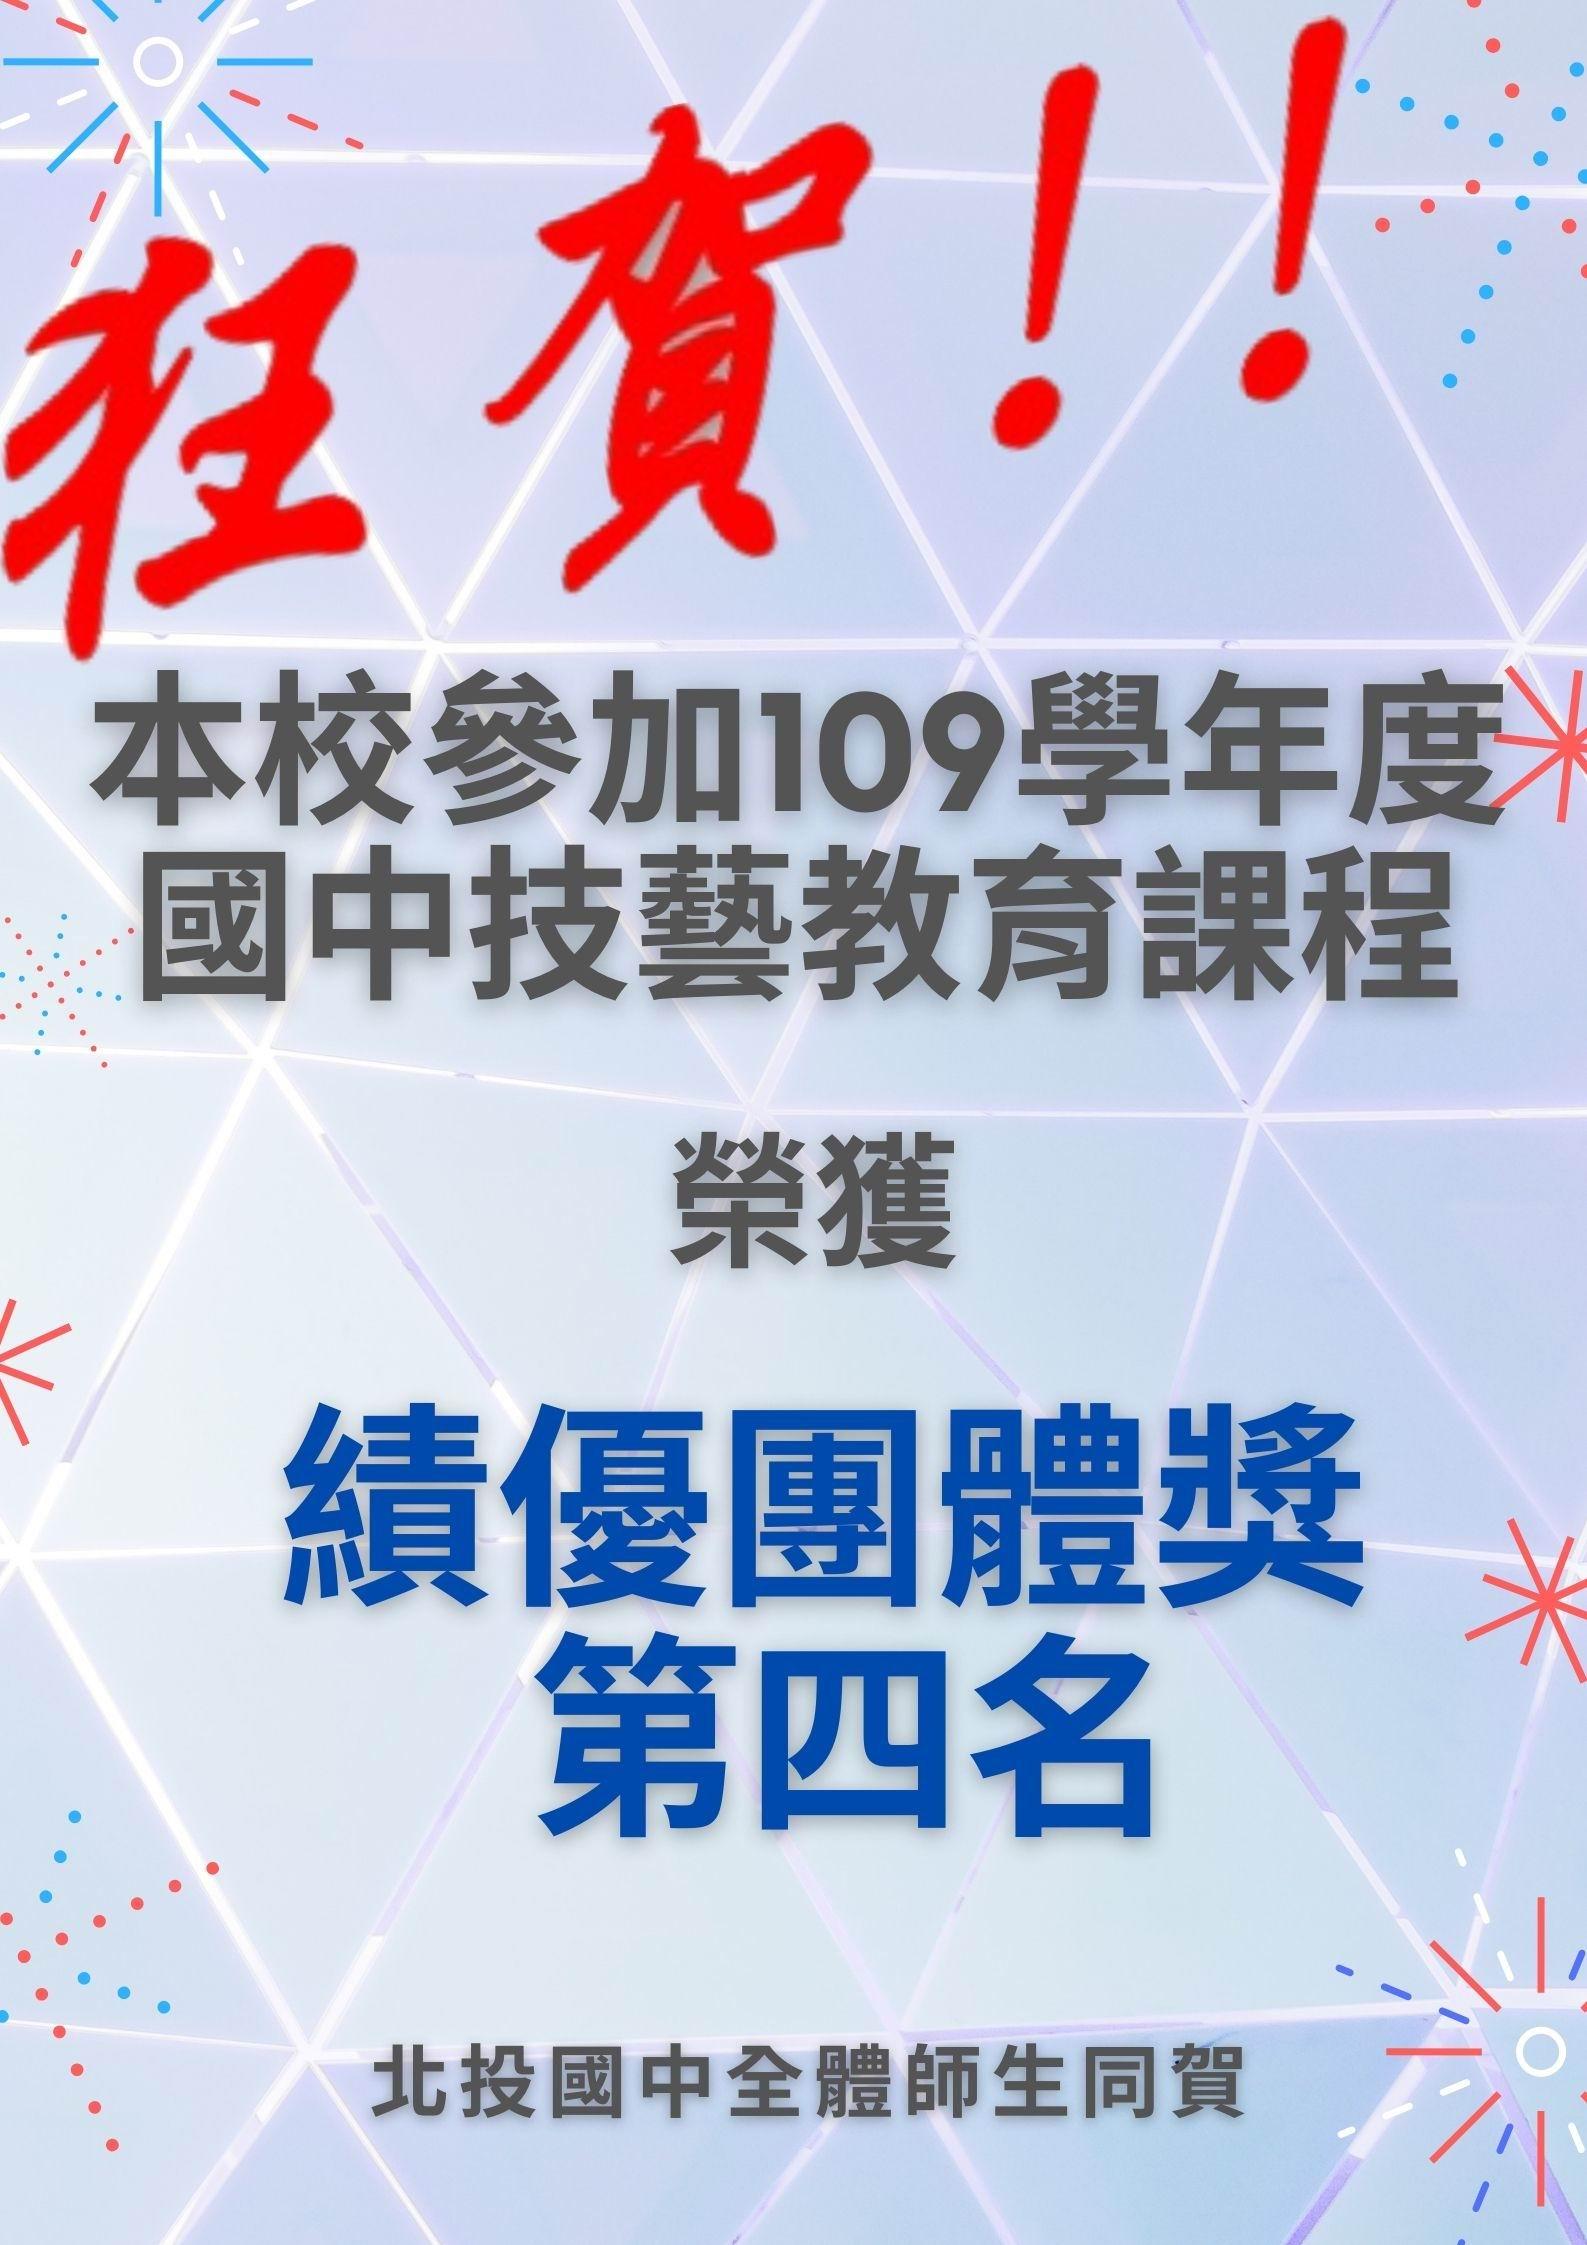 109技藝班績優團體獎海報